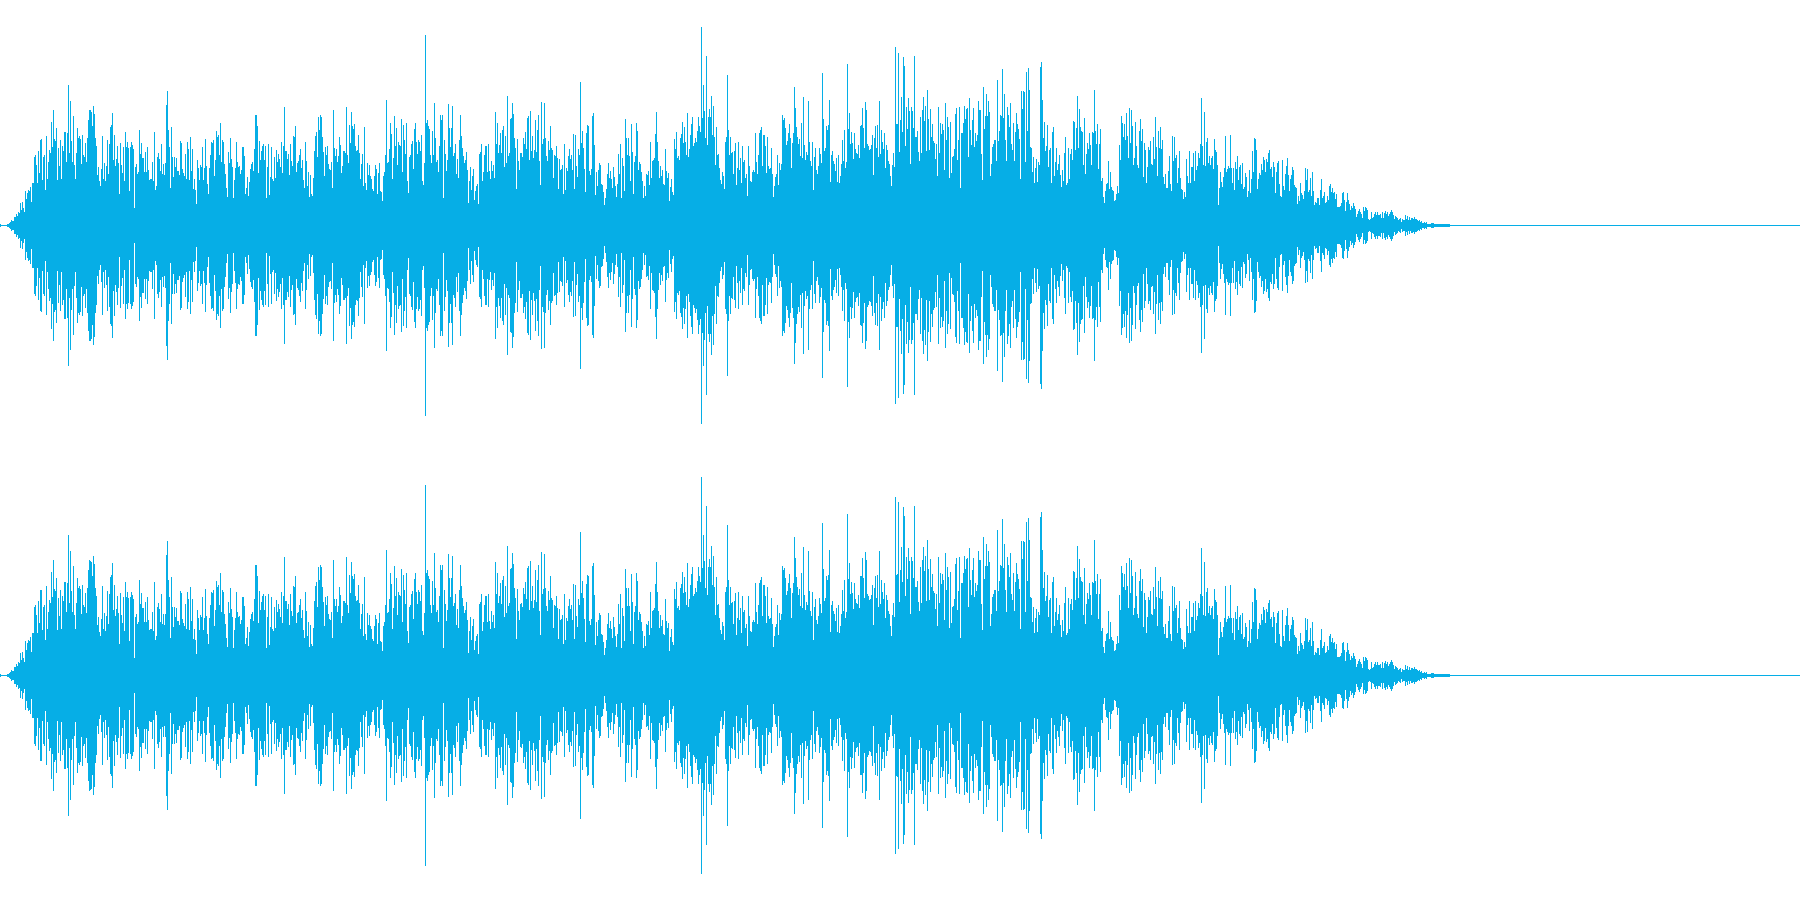 引き上げる音の再生済みの波形